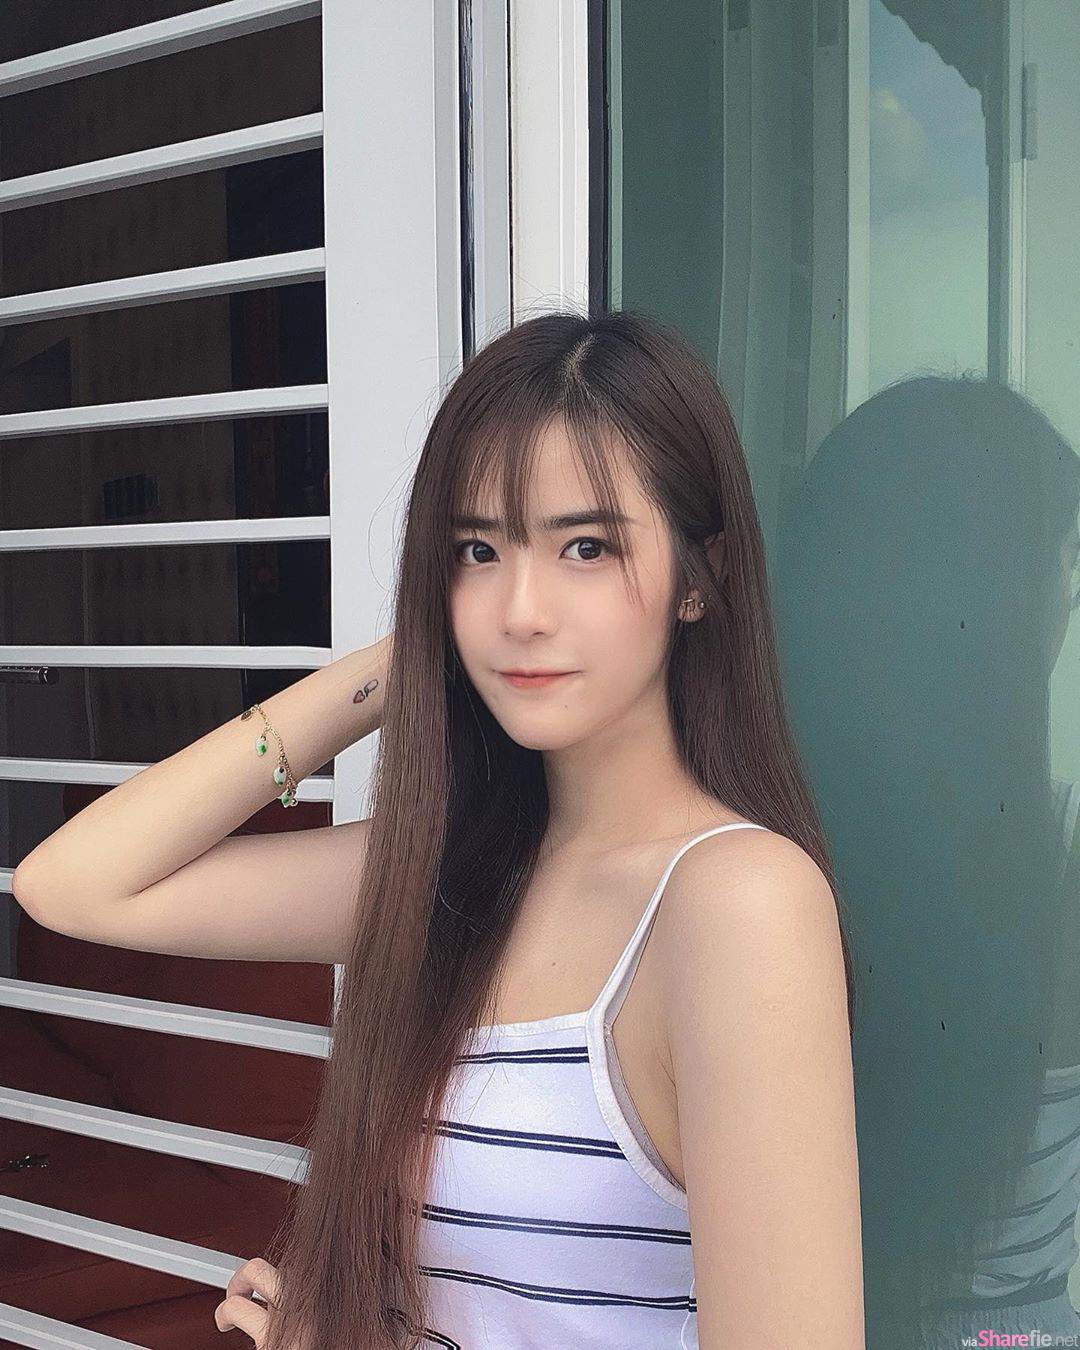 大马清新正妹JingEn代言内衣,雪乳推起来超吸睛